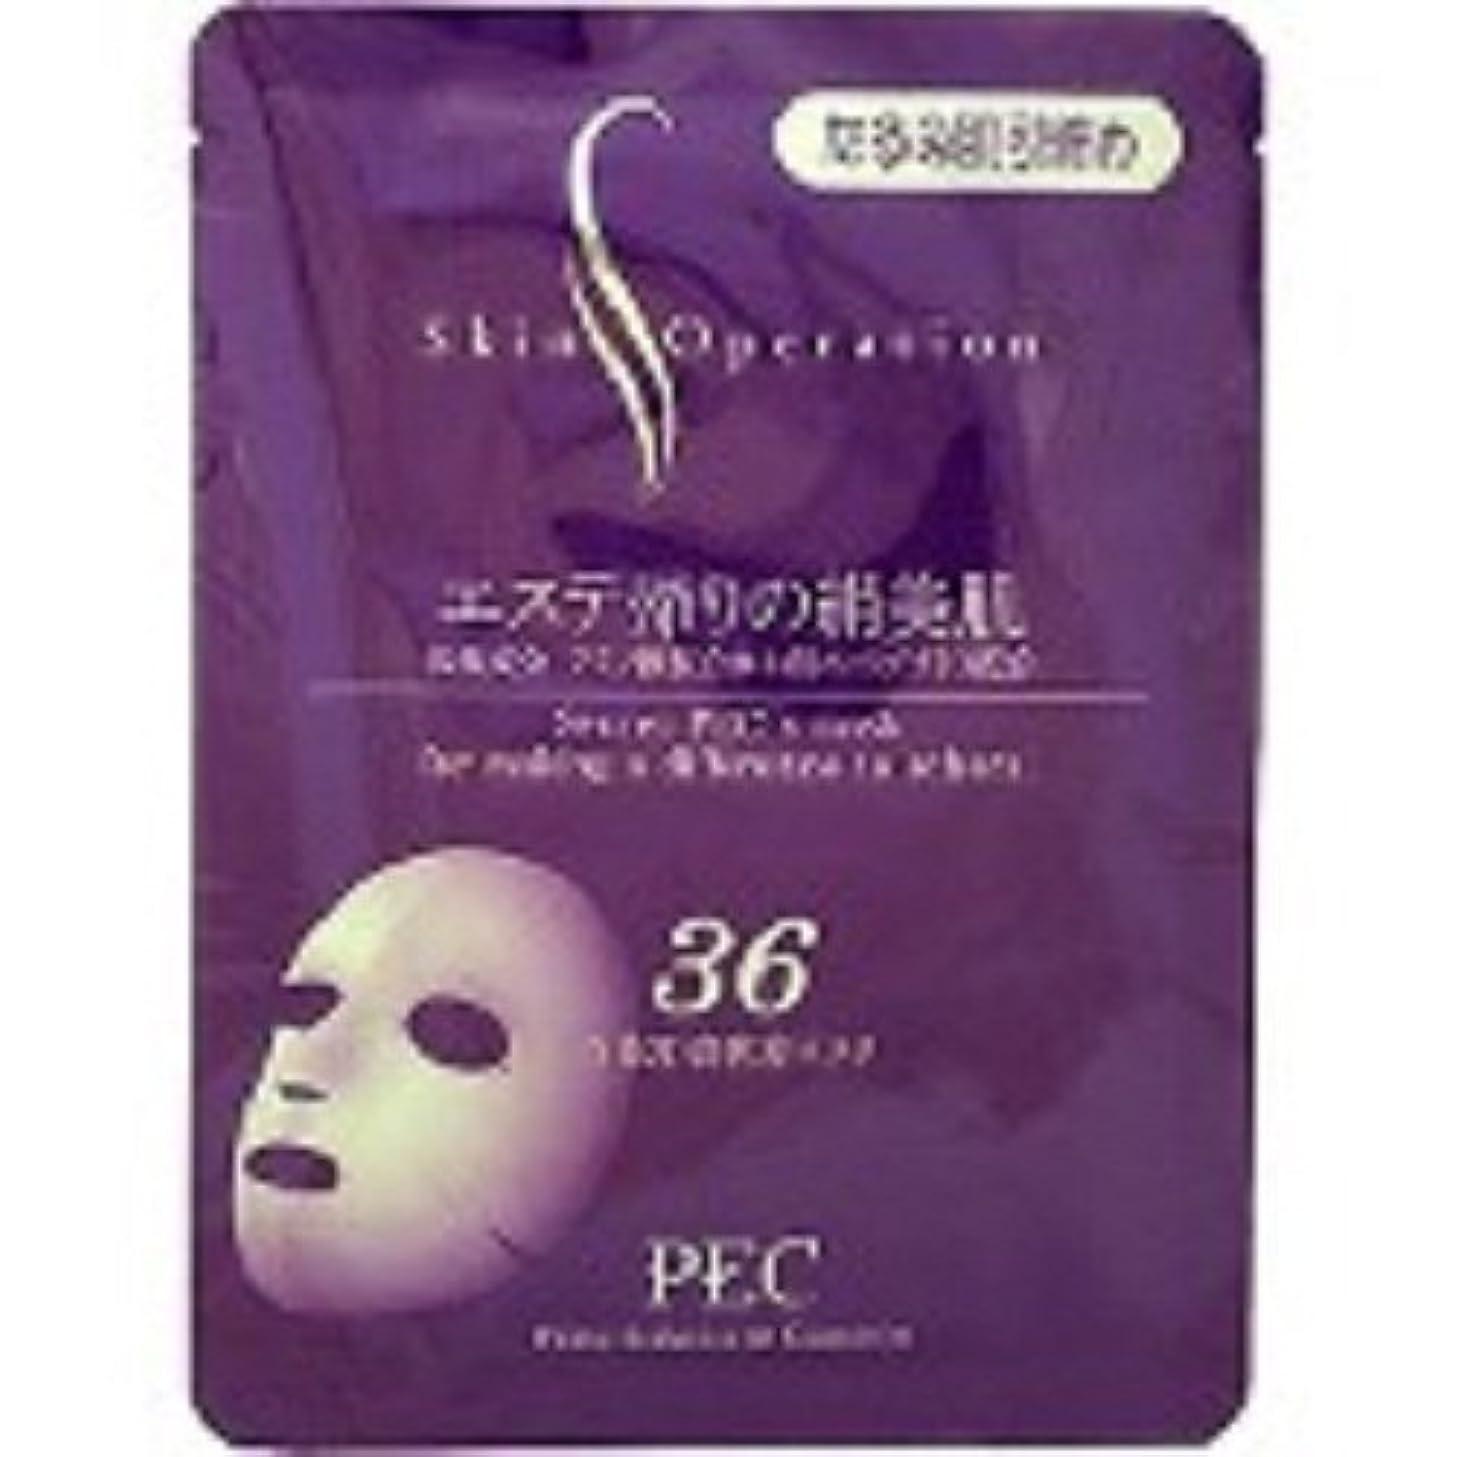 投資手段絞るスキンオペレーション マスク36